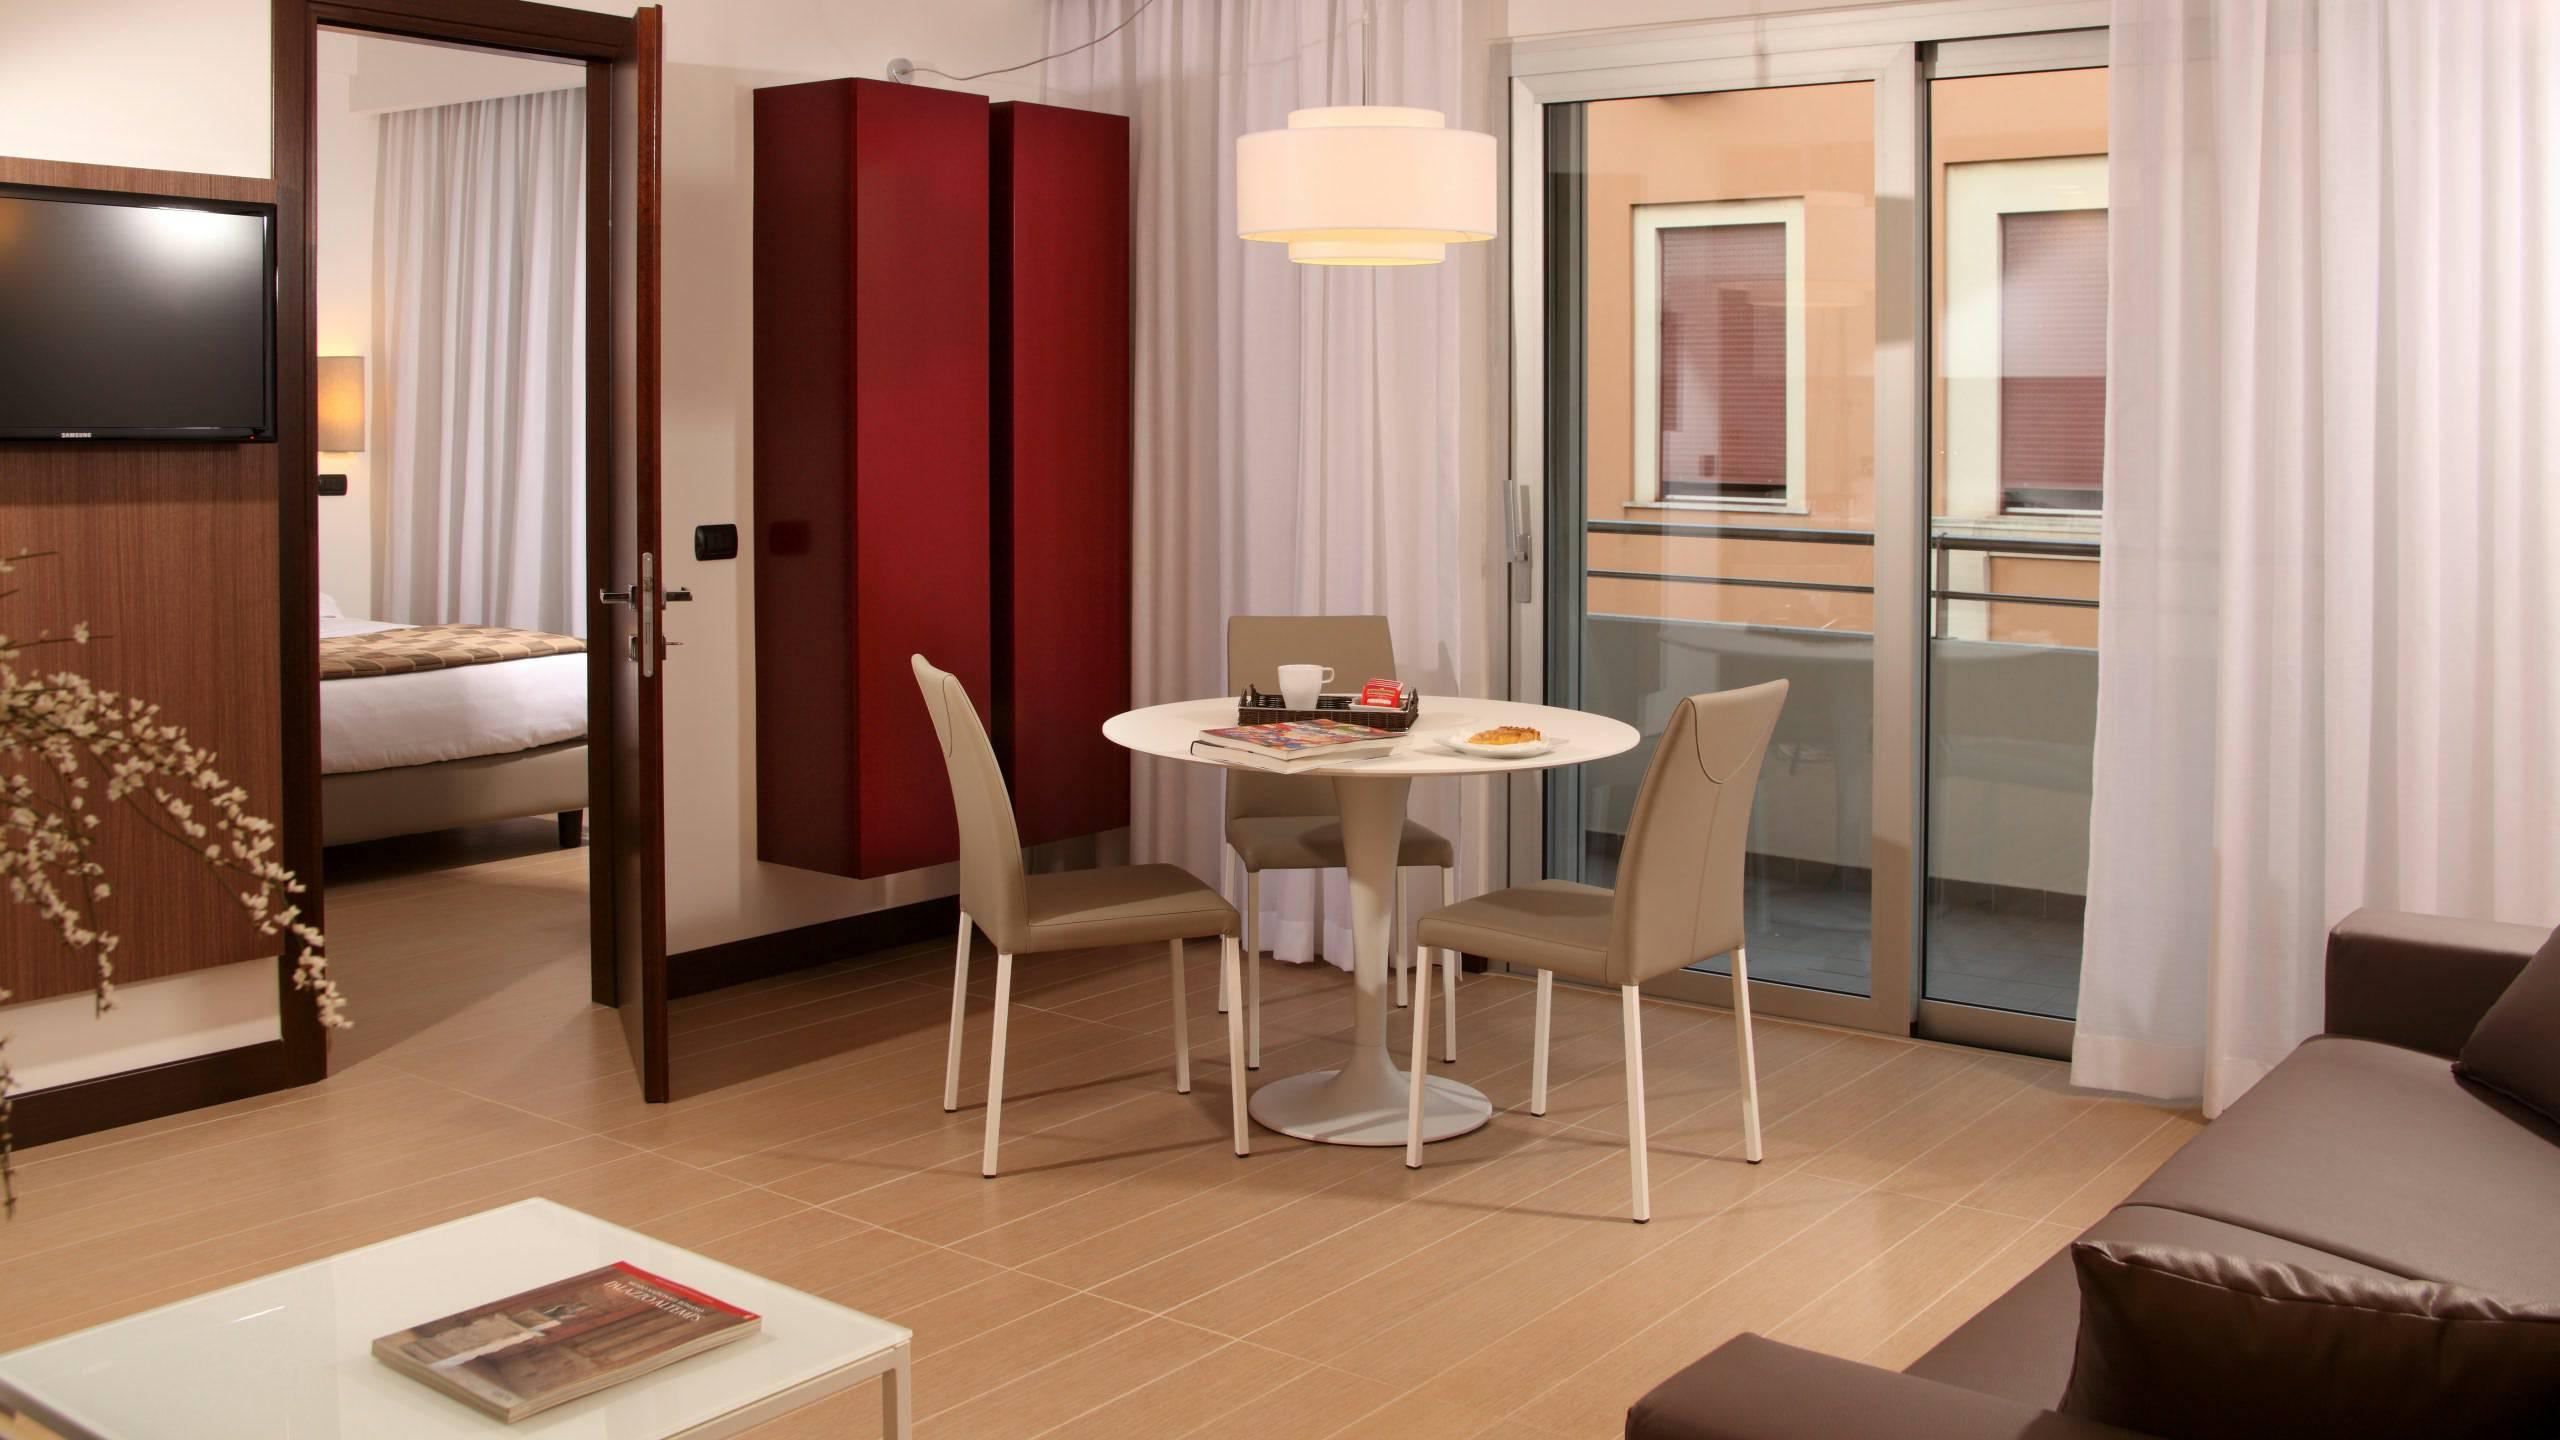 Residence hotel parioli roma sito ufficiale for Indirizzo camera dei deputati roma